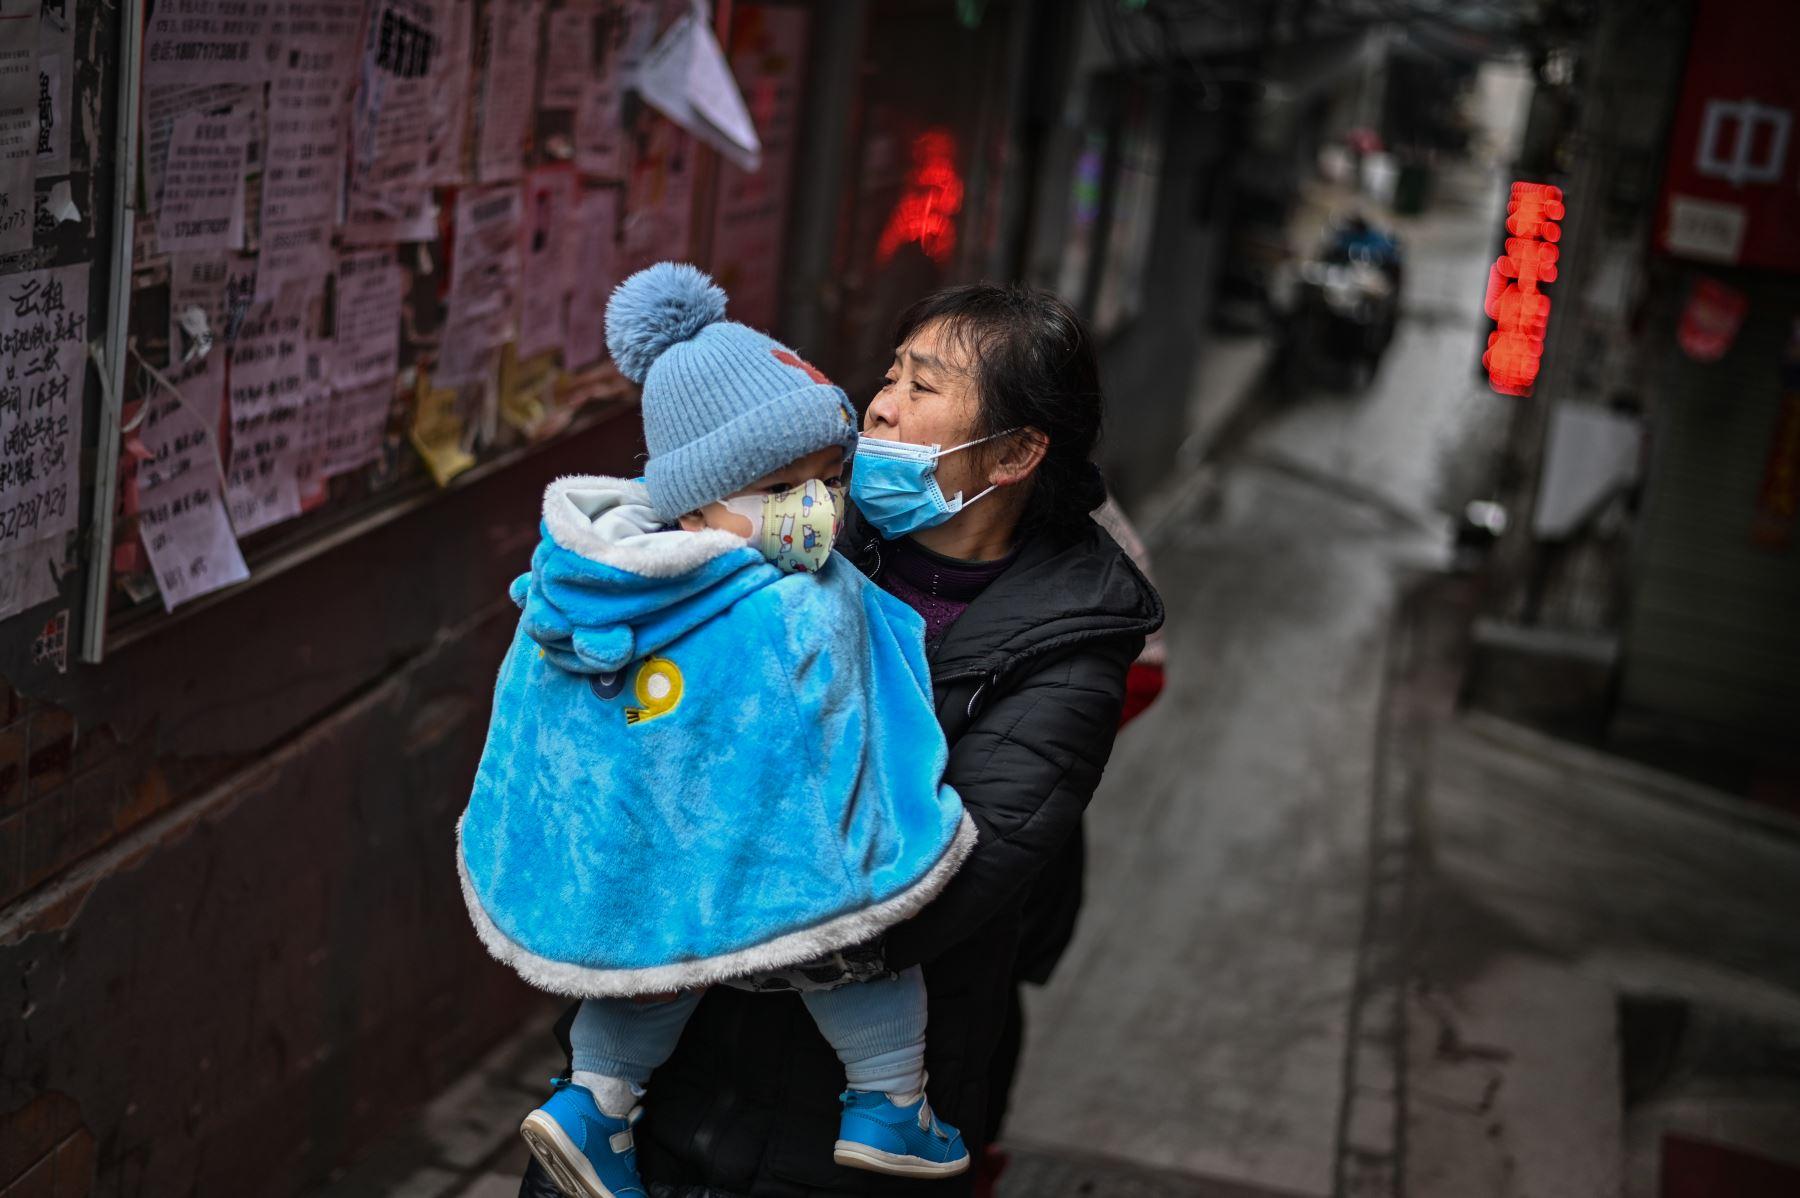 Una mujer que usa una mascarilla como medida preventiva contra el coronavirus Covid-19 camina por un camino con un bebé en brazos en Wuhan. Foto: AFP